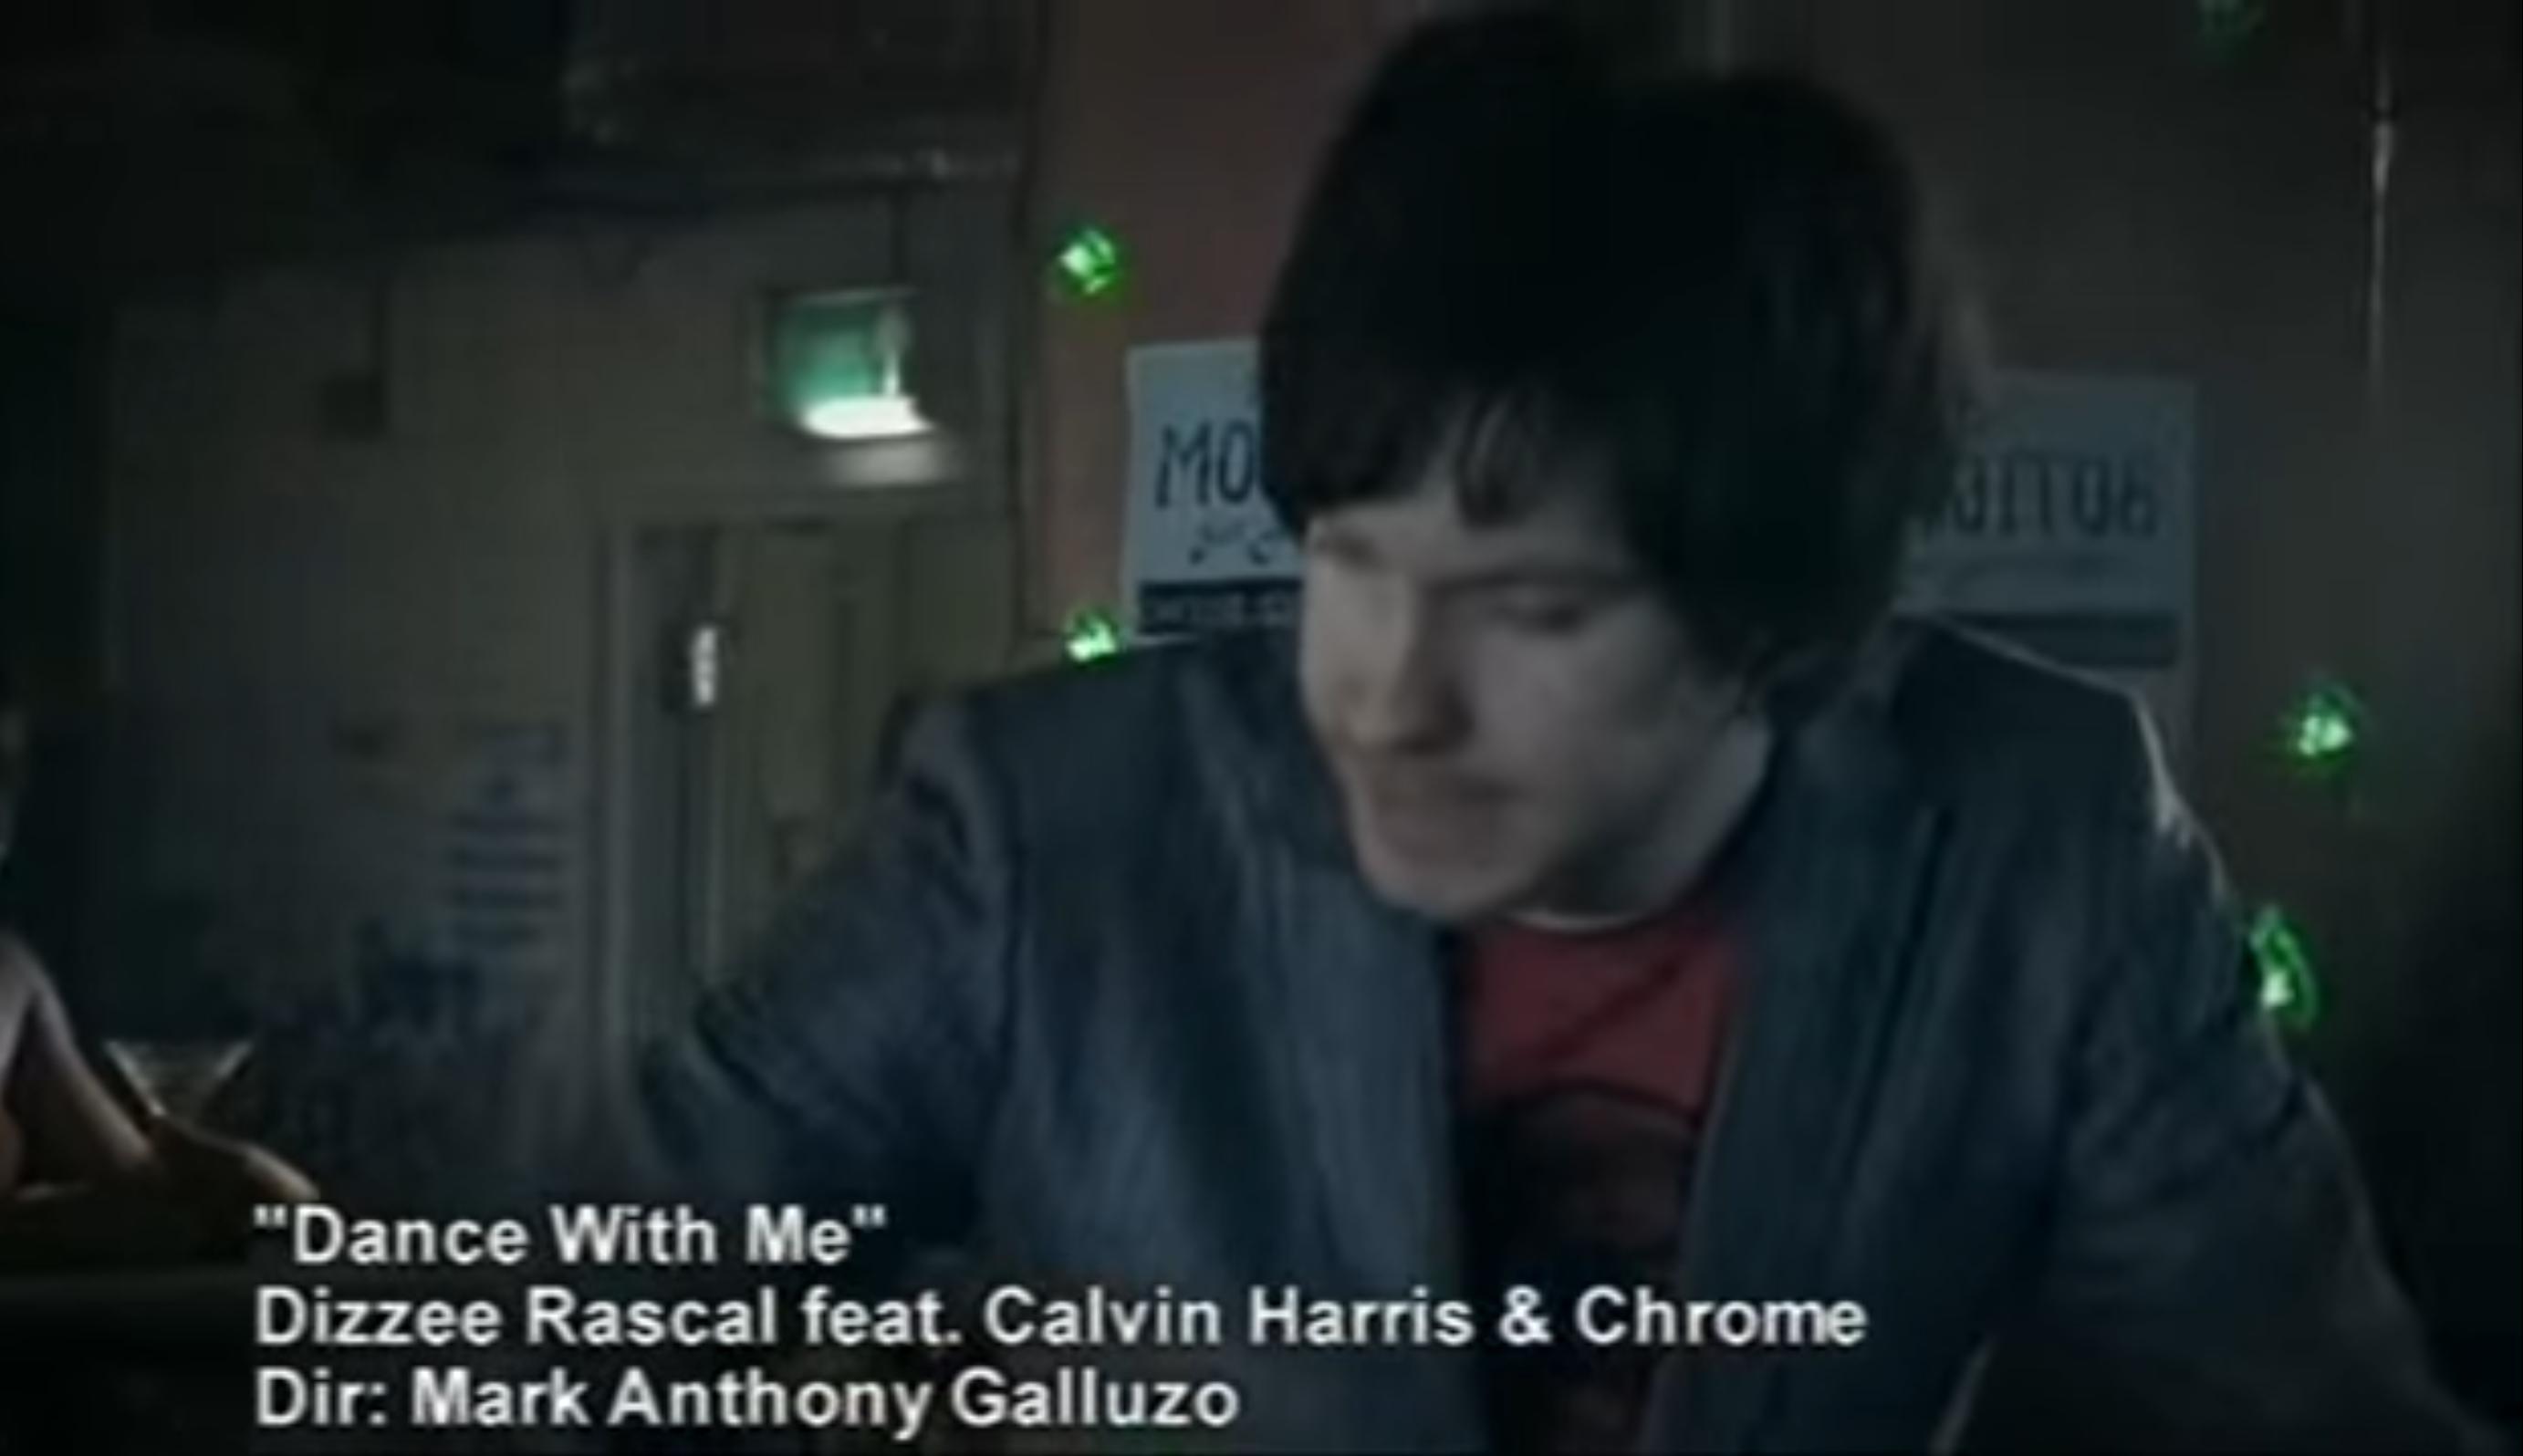 Dizzee rascal, calvin harris, chrome dance wiv me by dizzee.